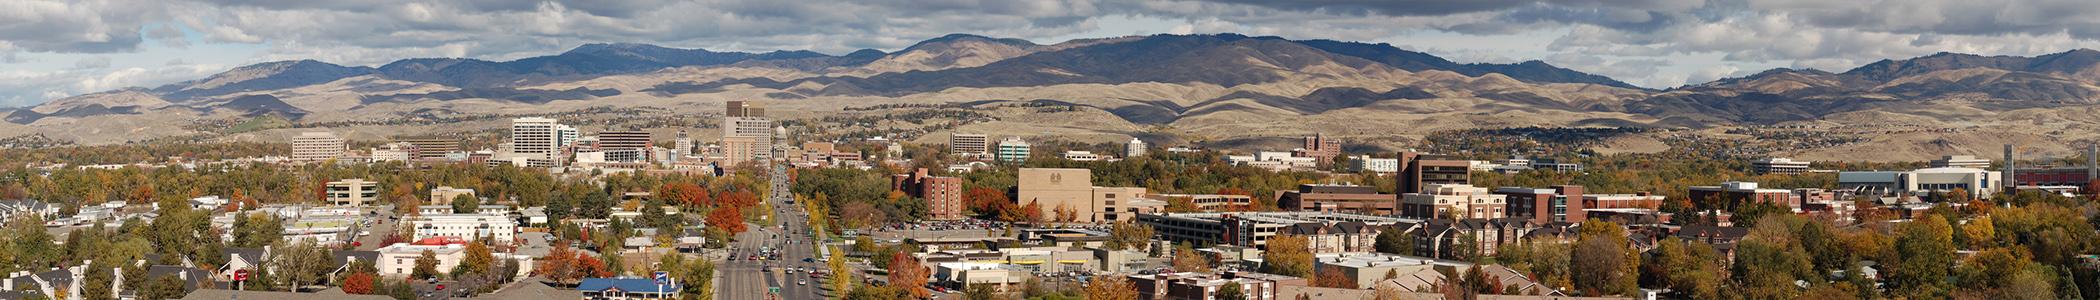 Downtown Boise Car Rental